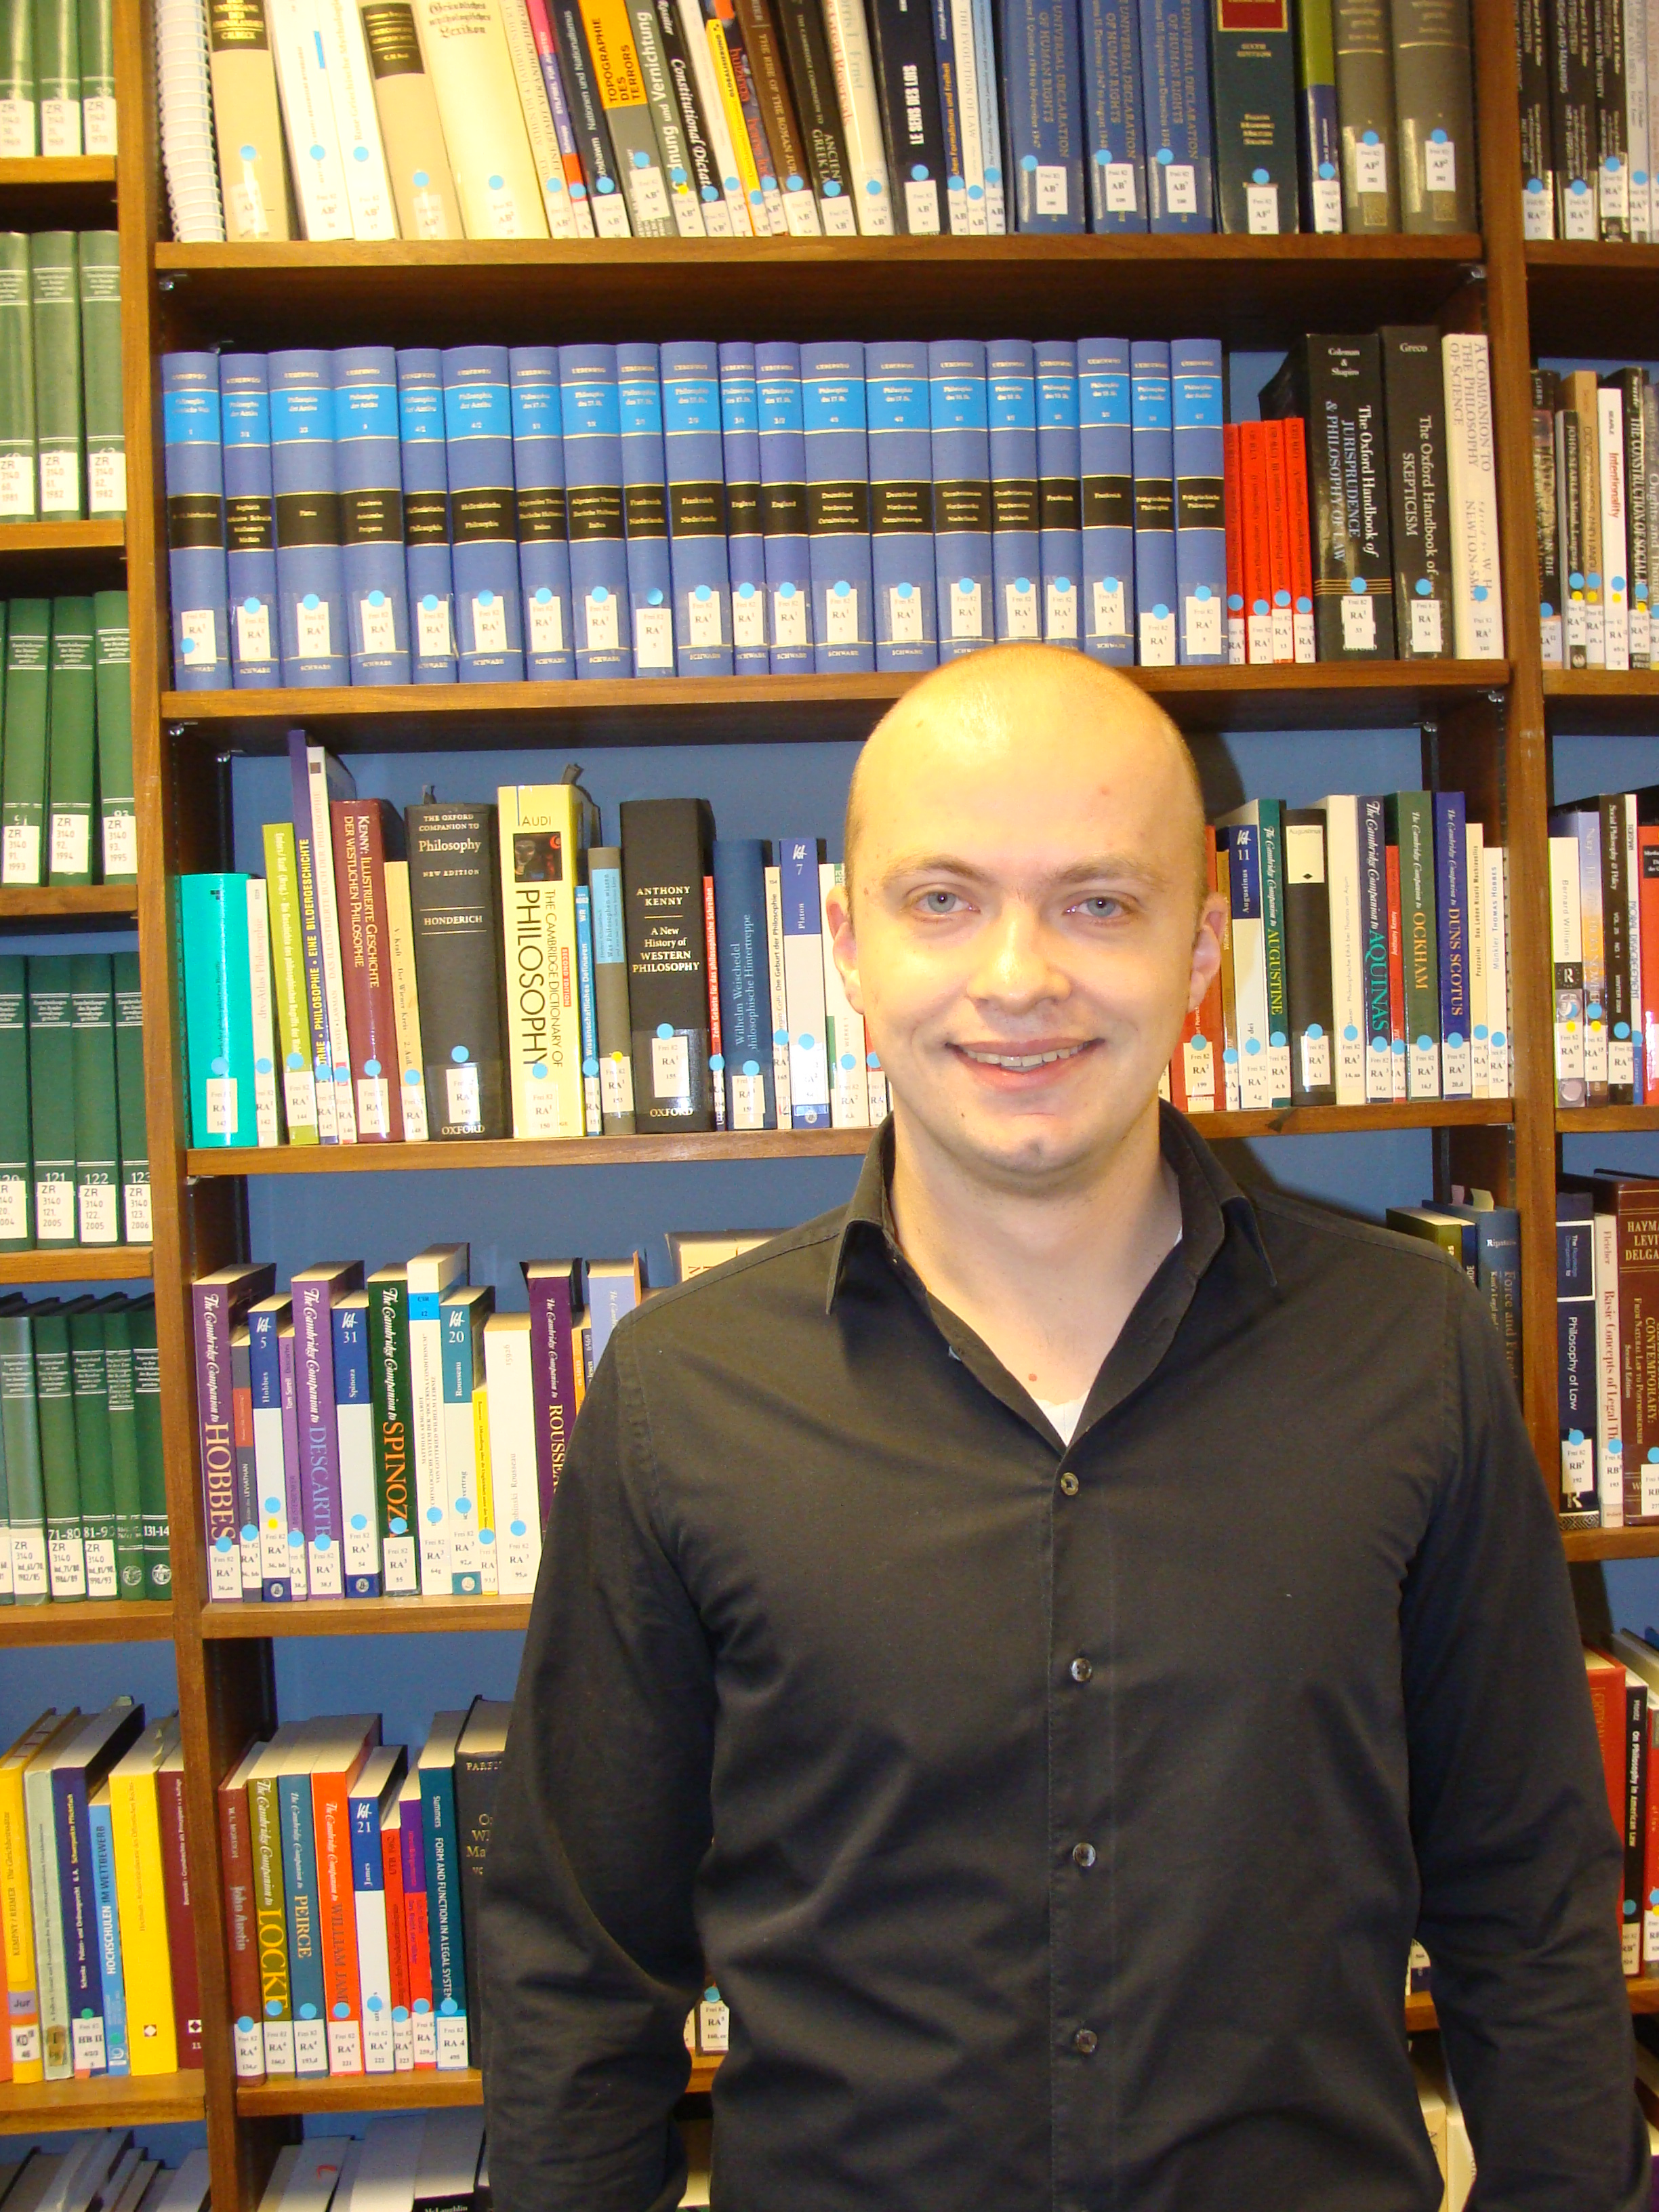 K. Strübing